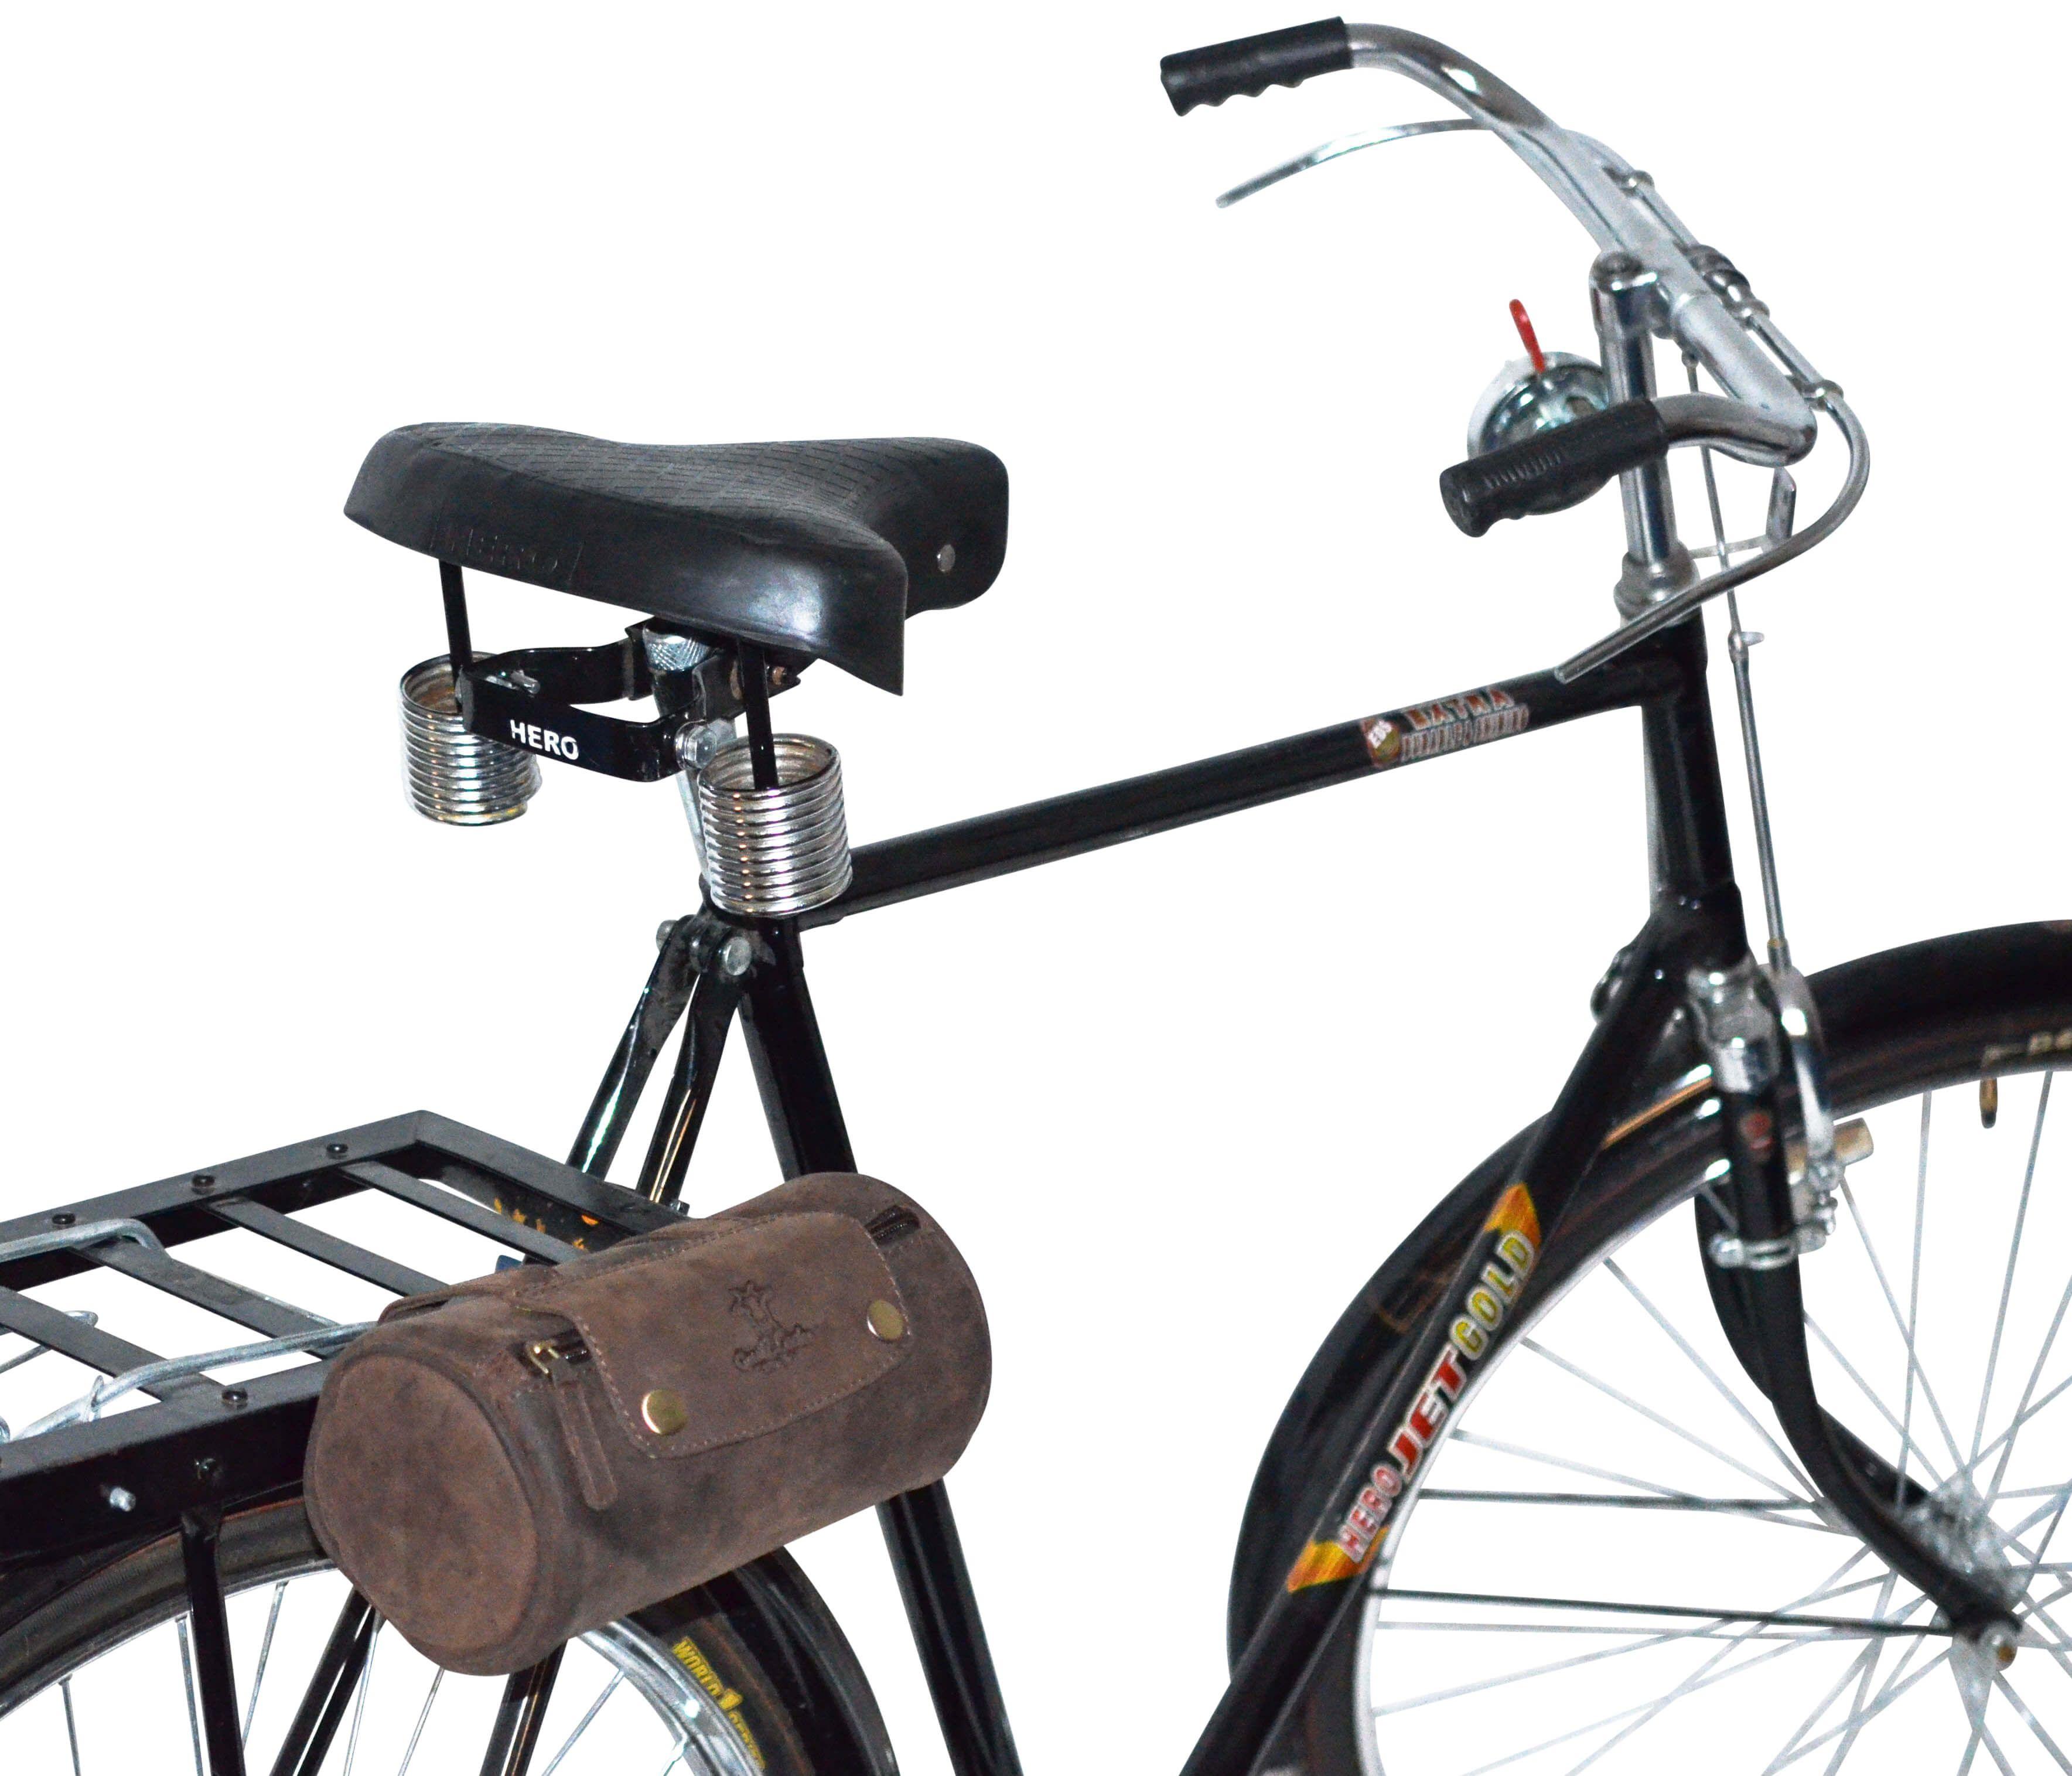 2g1420 4 fahrradtasche lenkertasche gep cktr gertasche. Black Bedroom Furniture Sets. Home Design Ideas